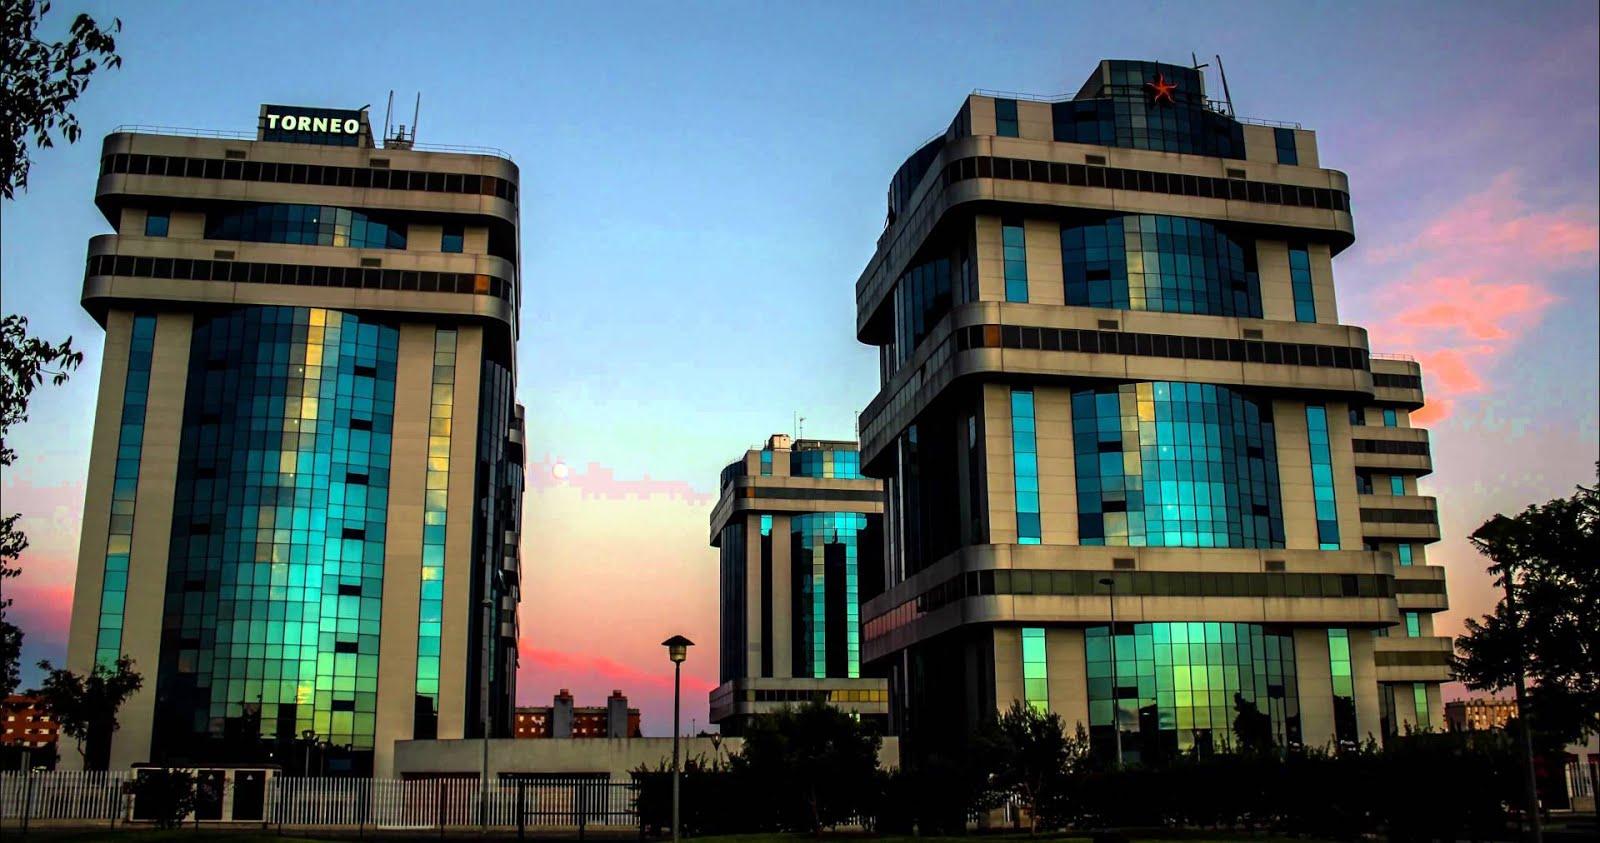 Altaduna abogados consultores sevilla cl usulas suelo for Abogados clausula suelo sevilla